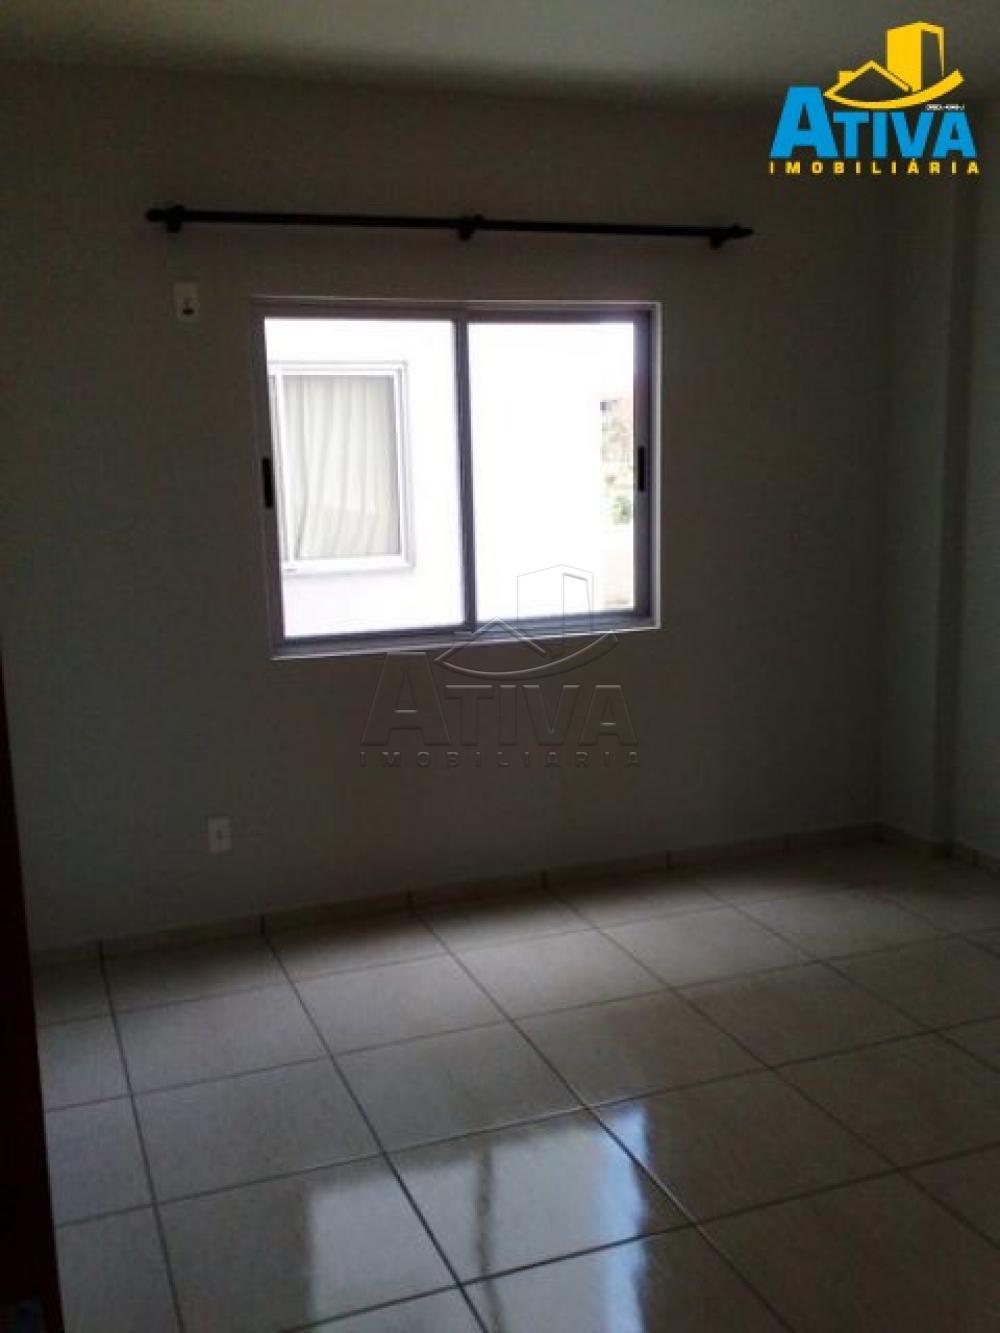 Alugar Apartamento / Padrão em Toledo R$ 690,00 - Foto 12